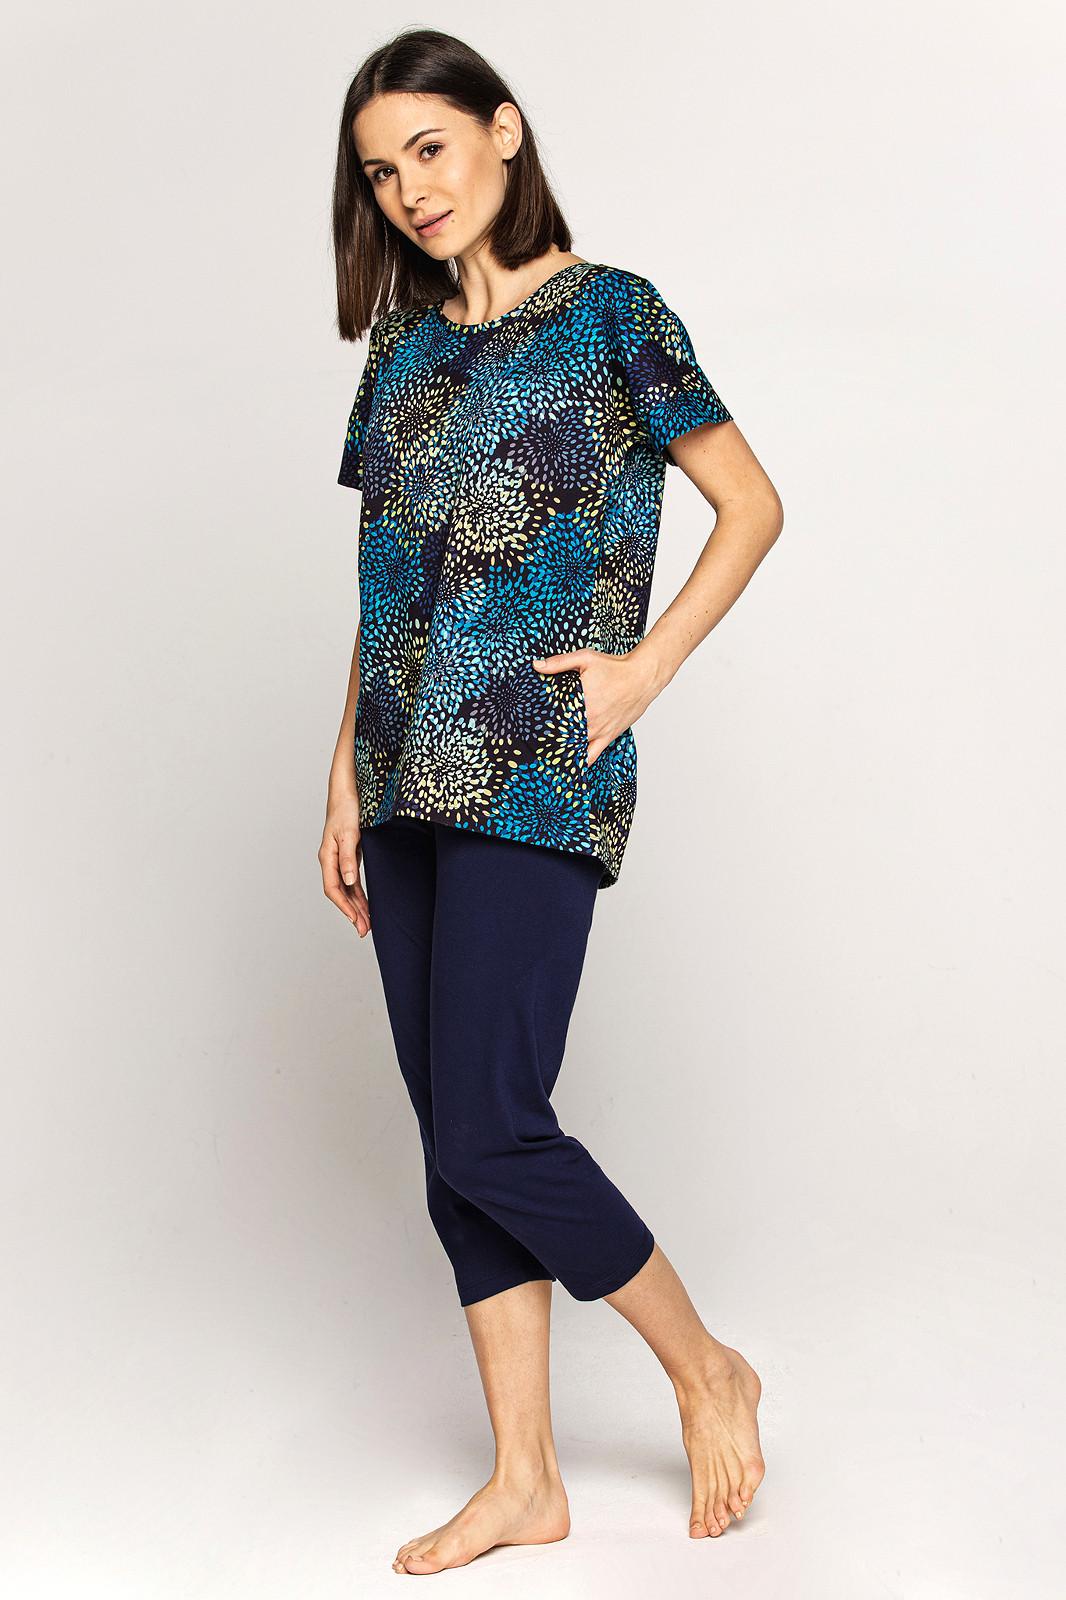 Dámske pyžamo Cana 562 kr / r S-XL námornícka modrá L